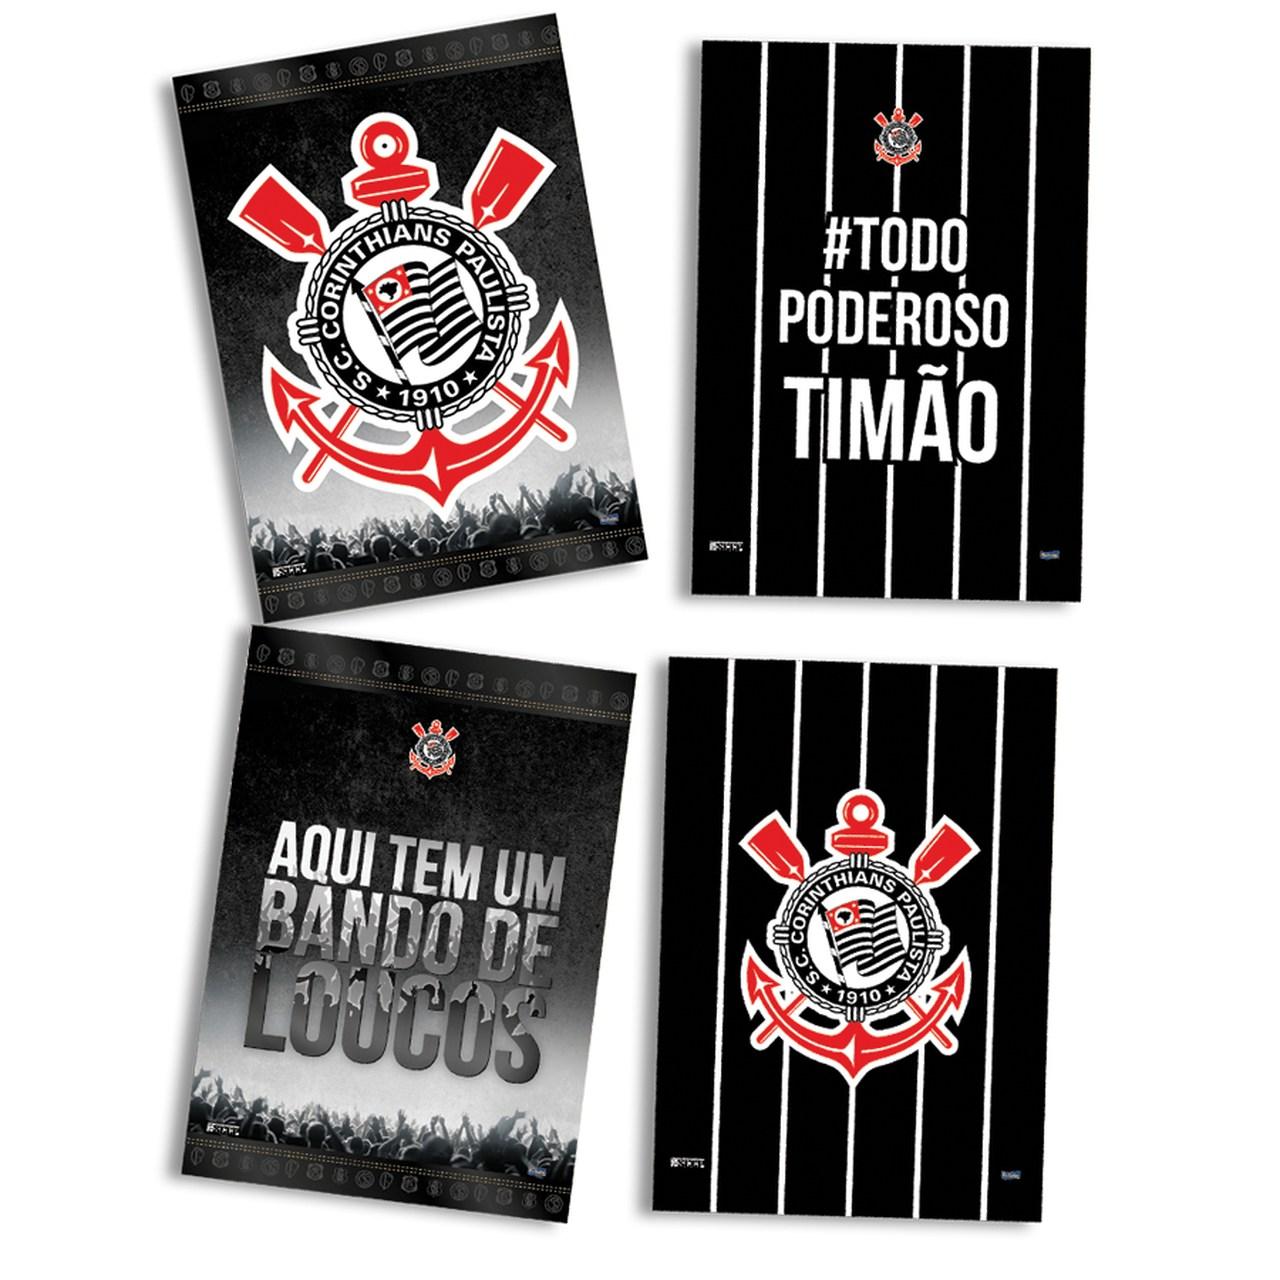 Kit Decorativo Só Um Bolinho Corinthians